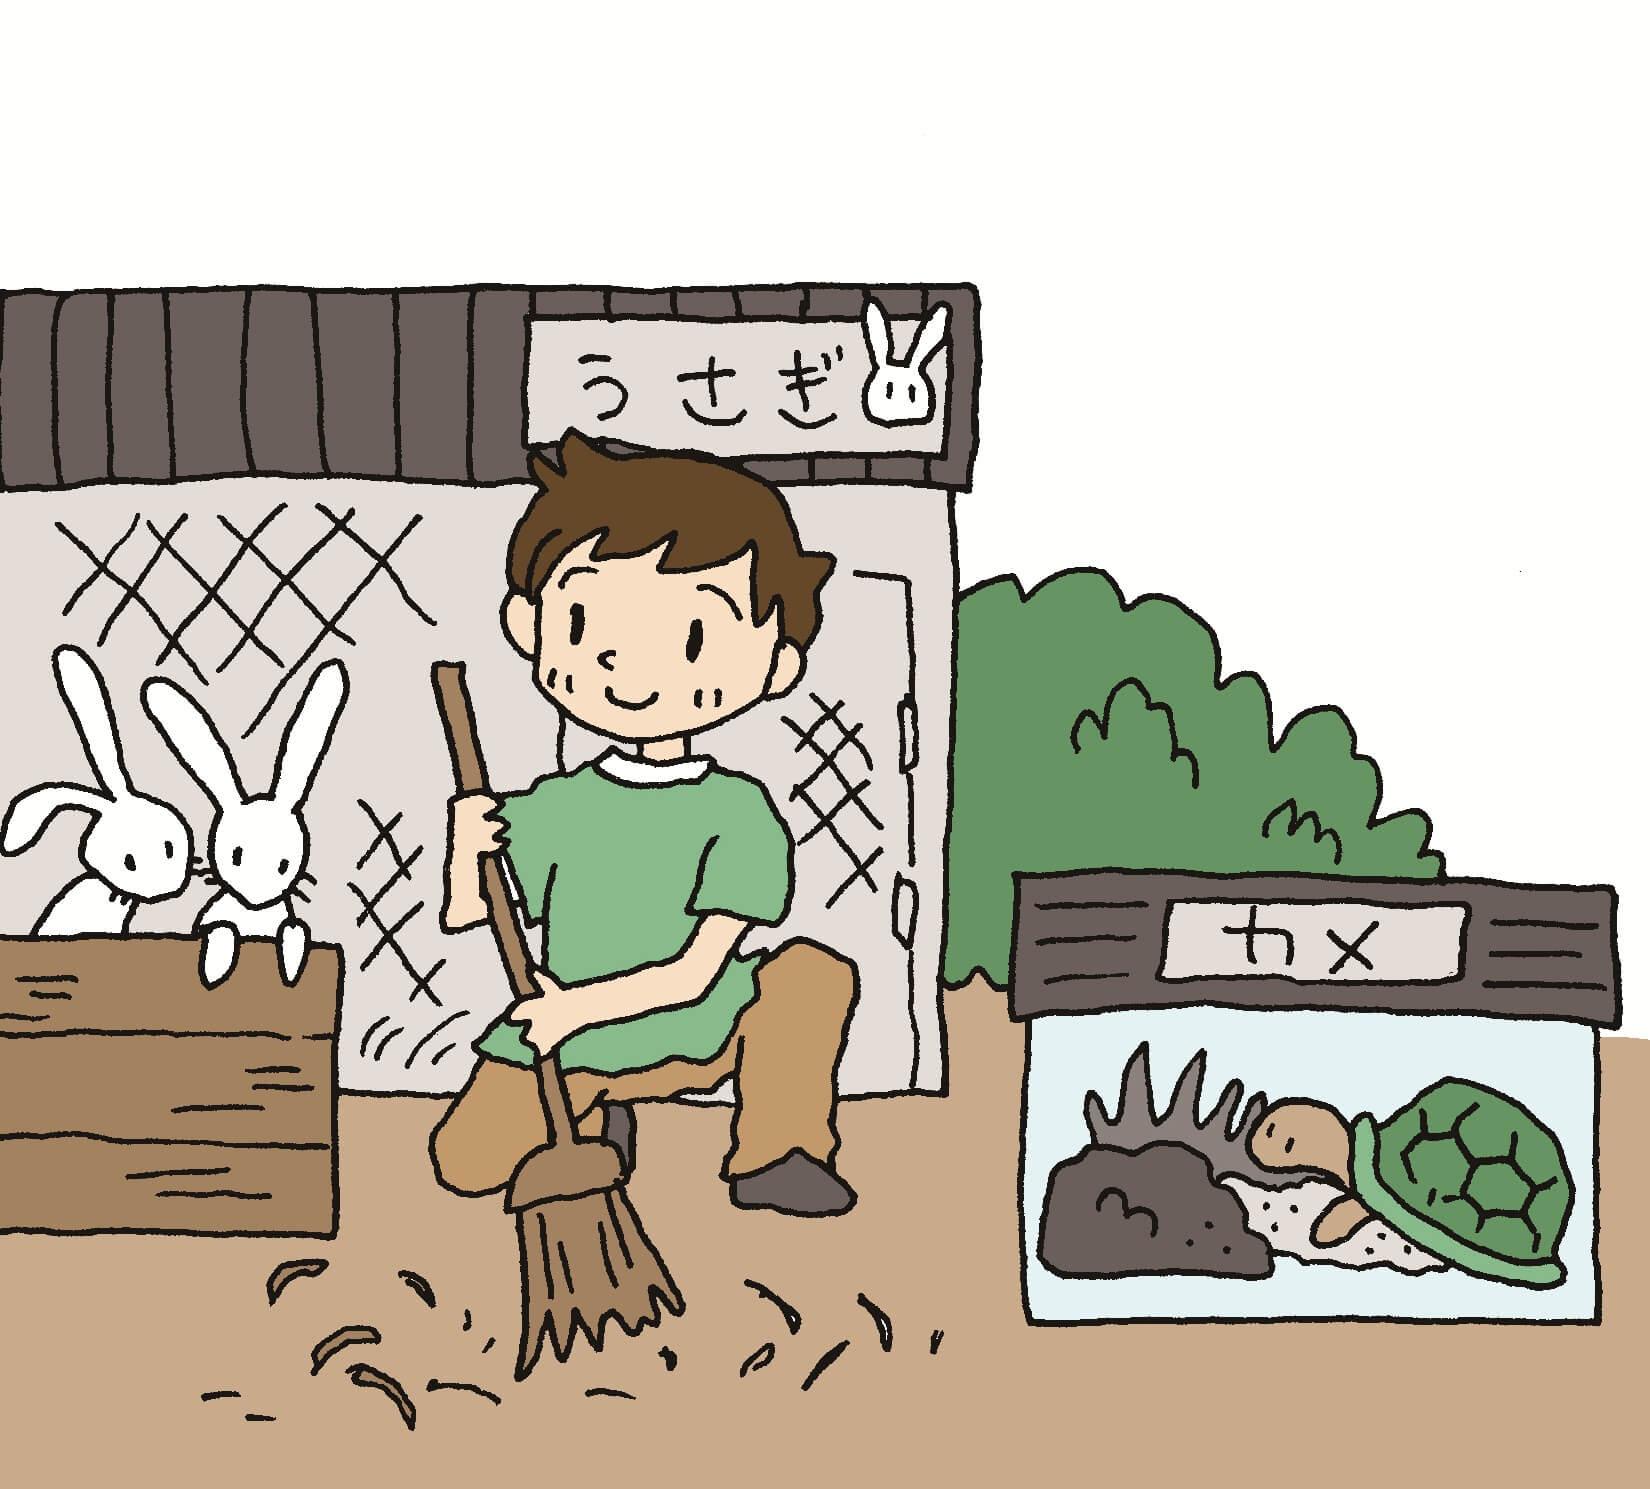 (お当番をするなら)「生き物の世話をする」のと、「みんなの前でお話しする」のと、どっちが好き?_011_01